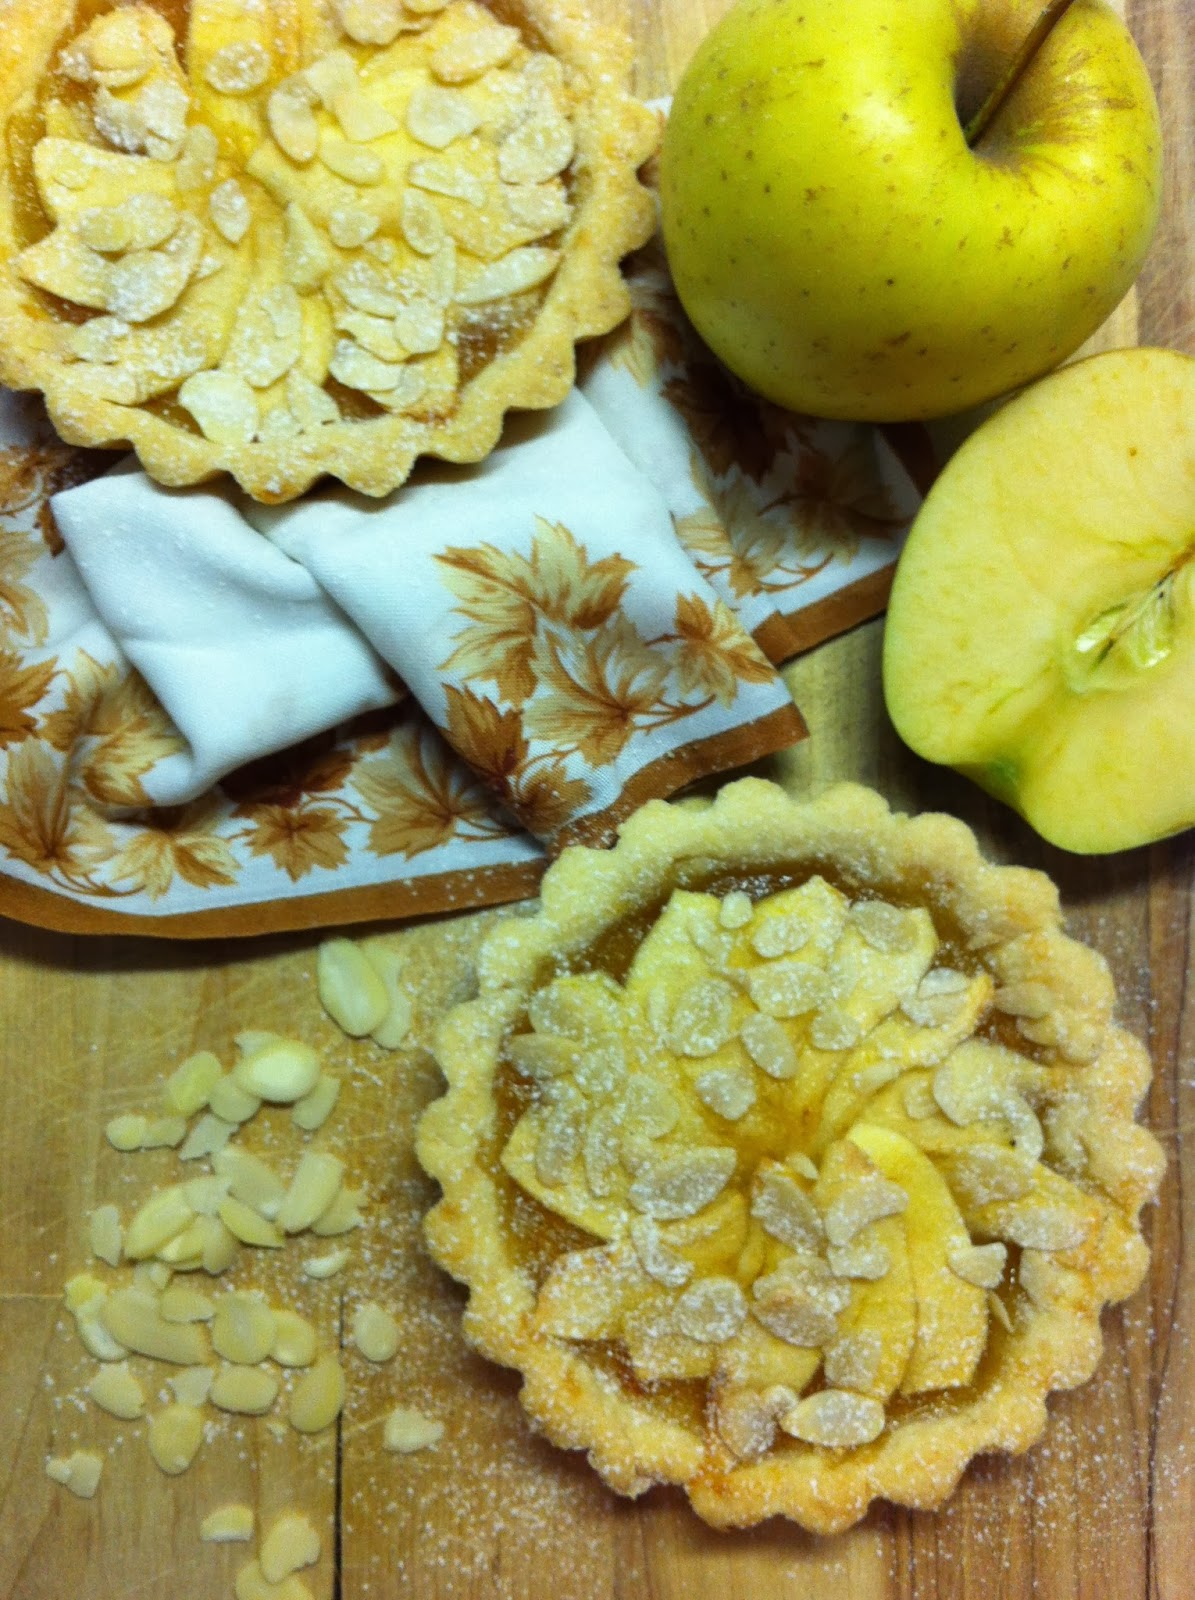 tartellette con marmellata bio di arance amare, mele renette e scaglie di mandorle